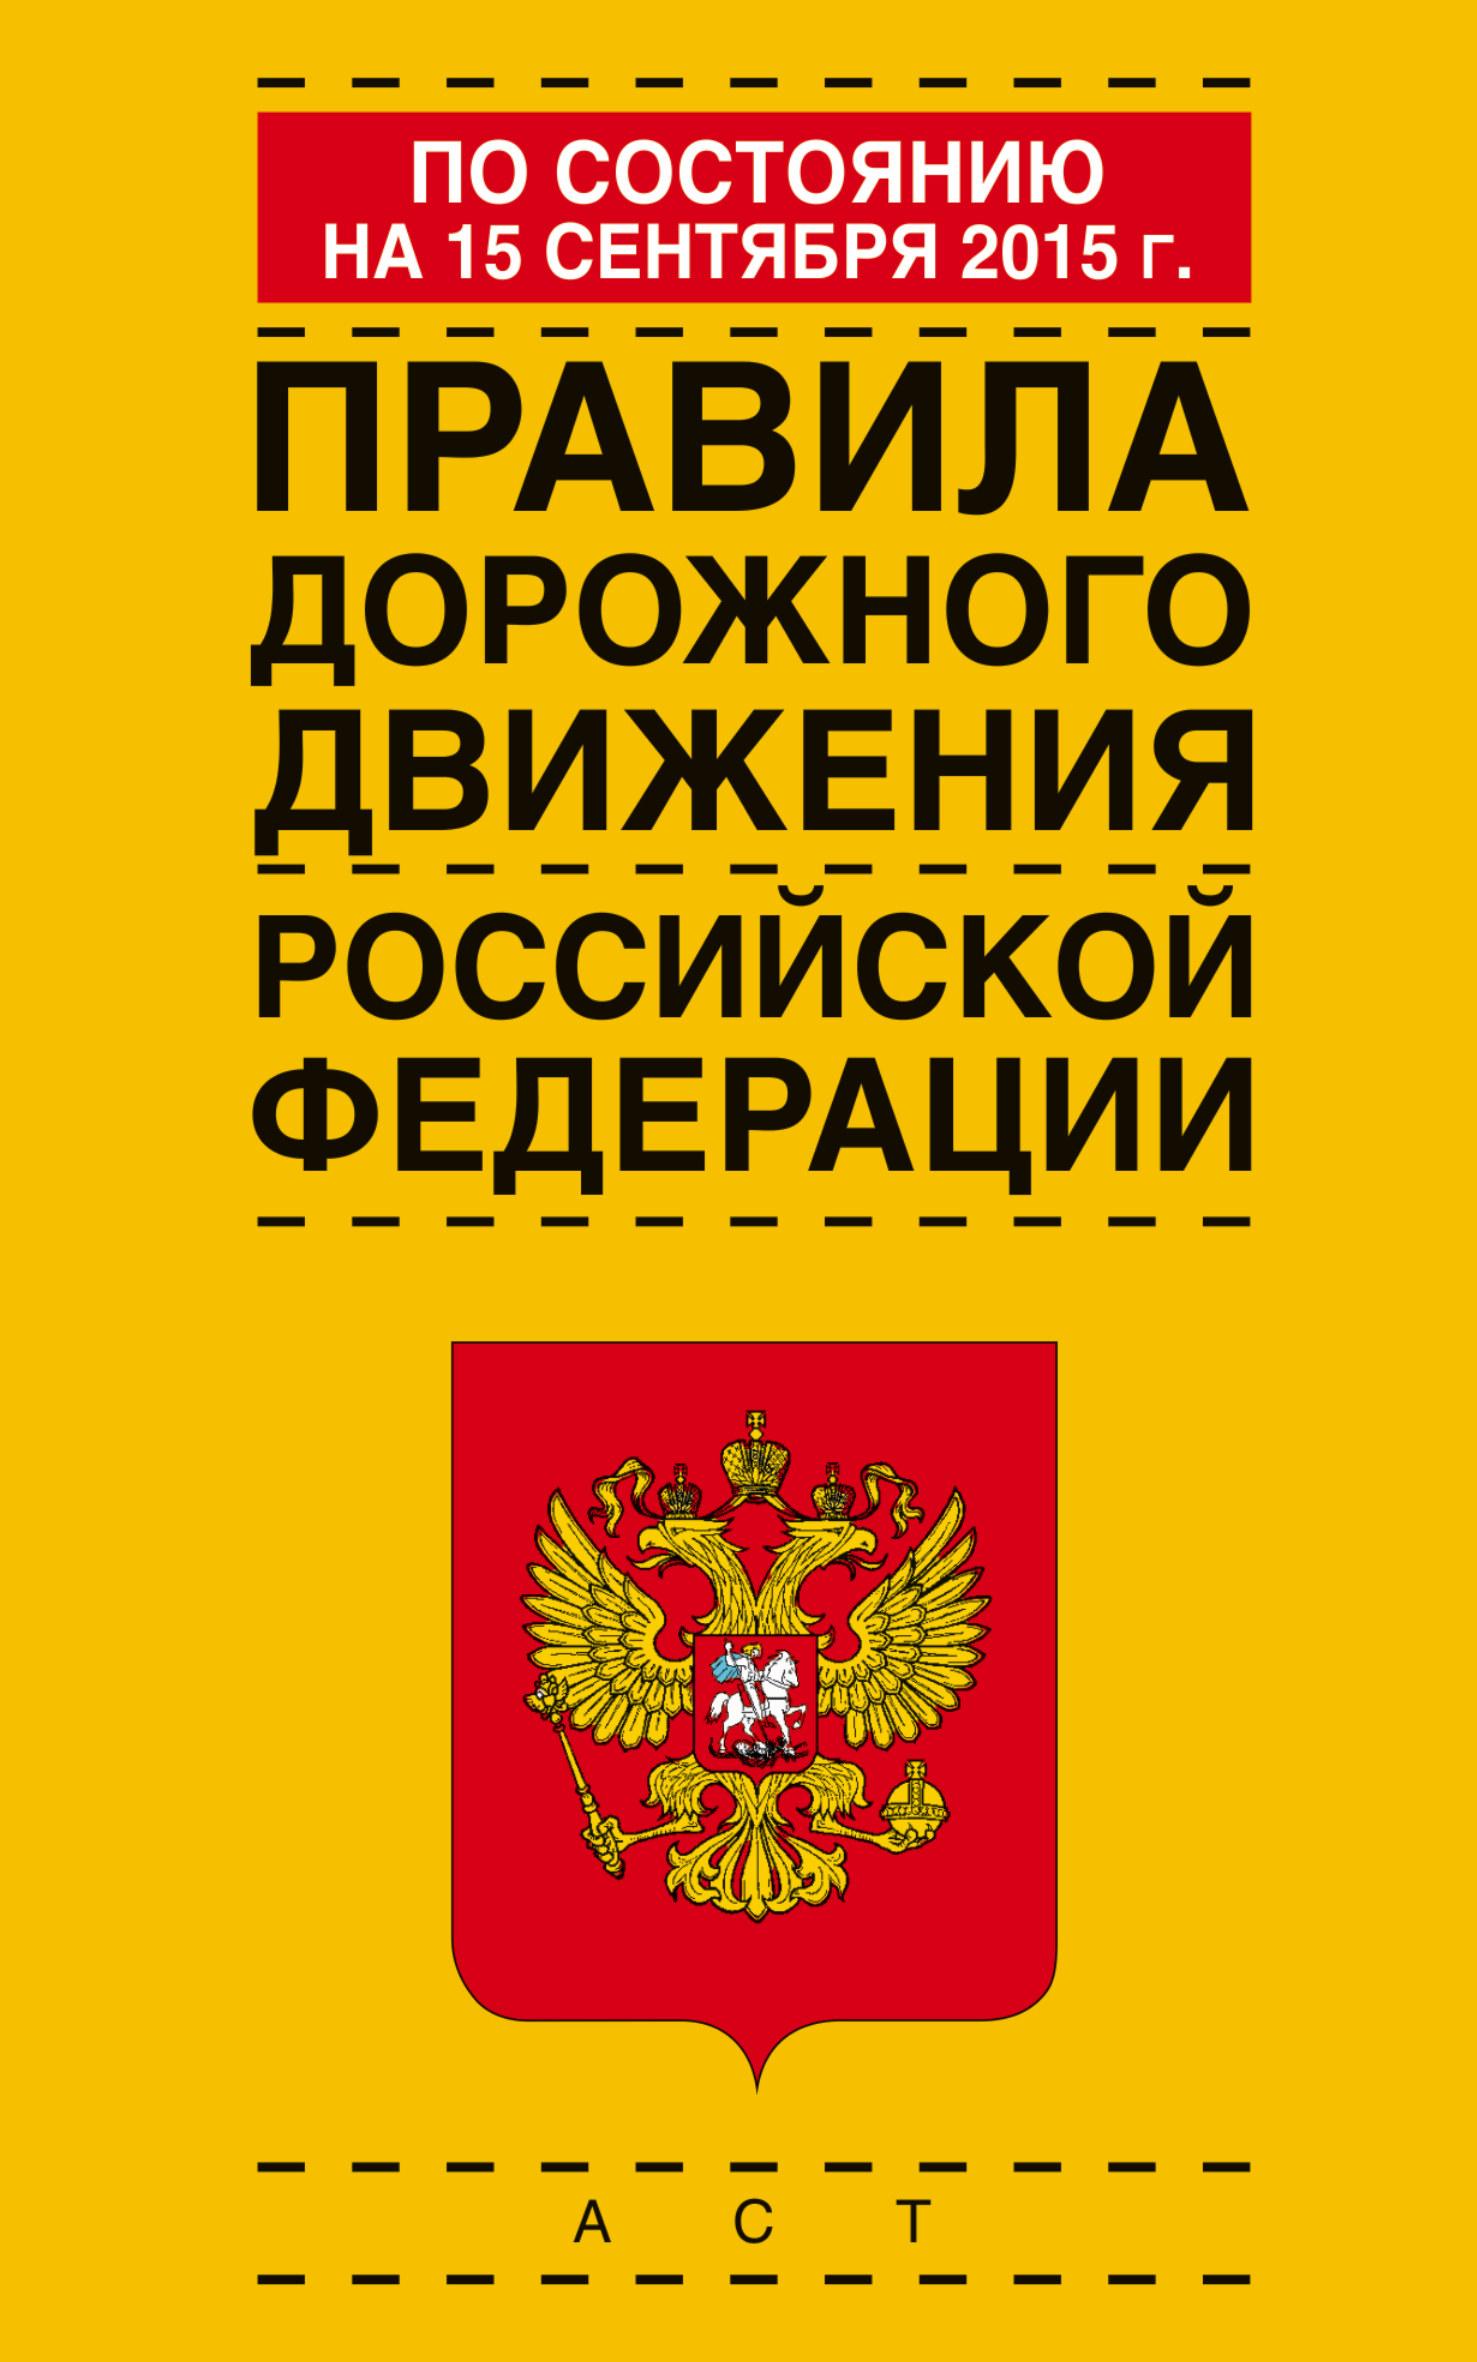 Правила дорожного движения Российской Федерации по состоянию на 15 сентября 2015 года